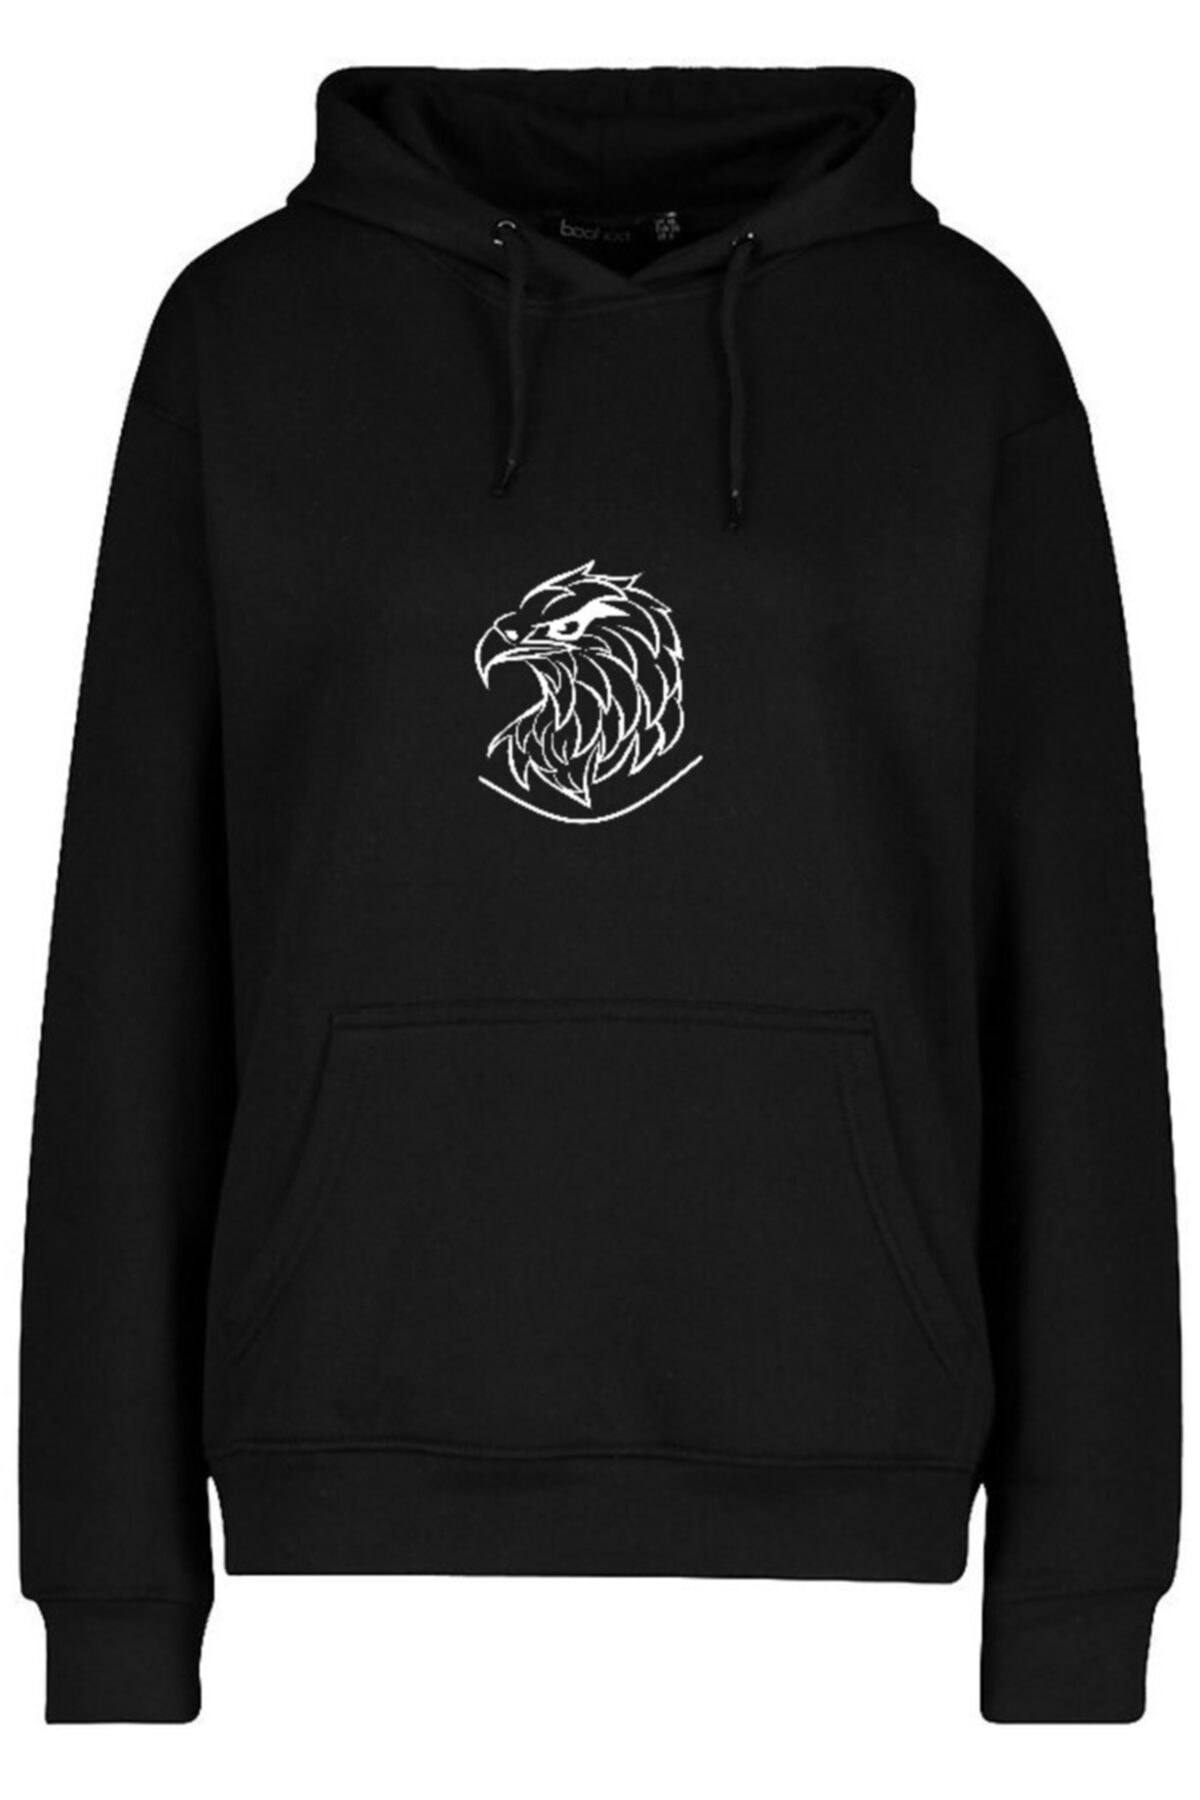 FAVORİZADE Unisex Siyah Eagle Head Baskılı Kapüşonlu Sweatshirt 1